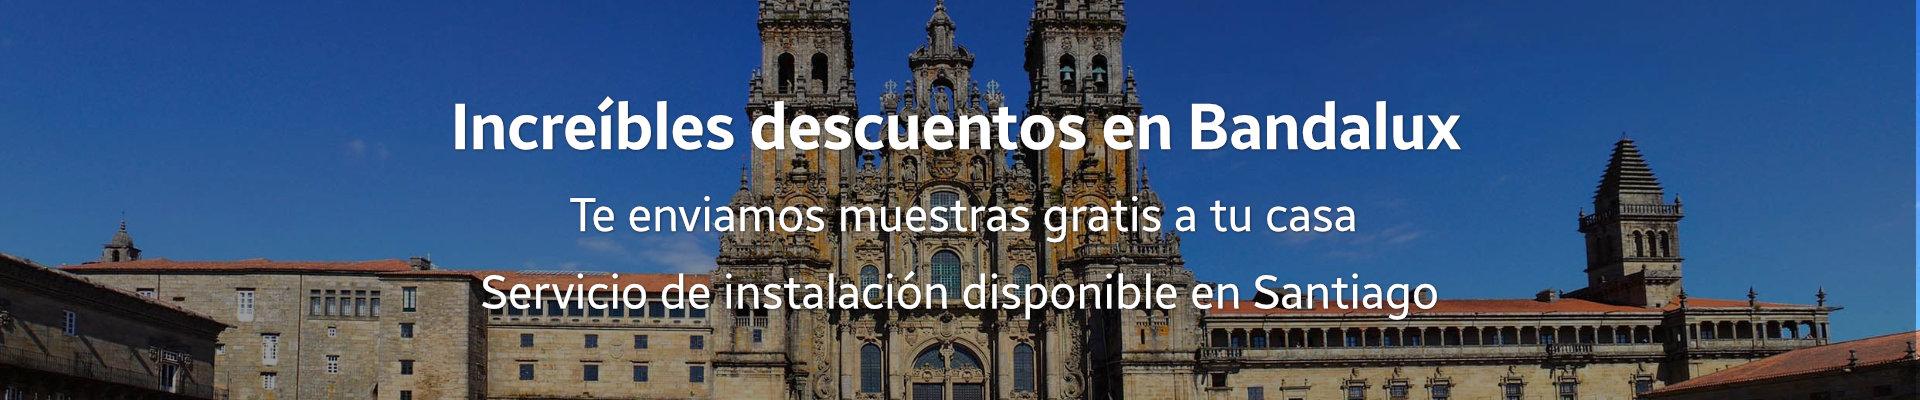 Grandes descuentos en Bandalux para Santiago de Compostela